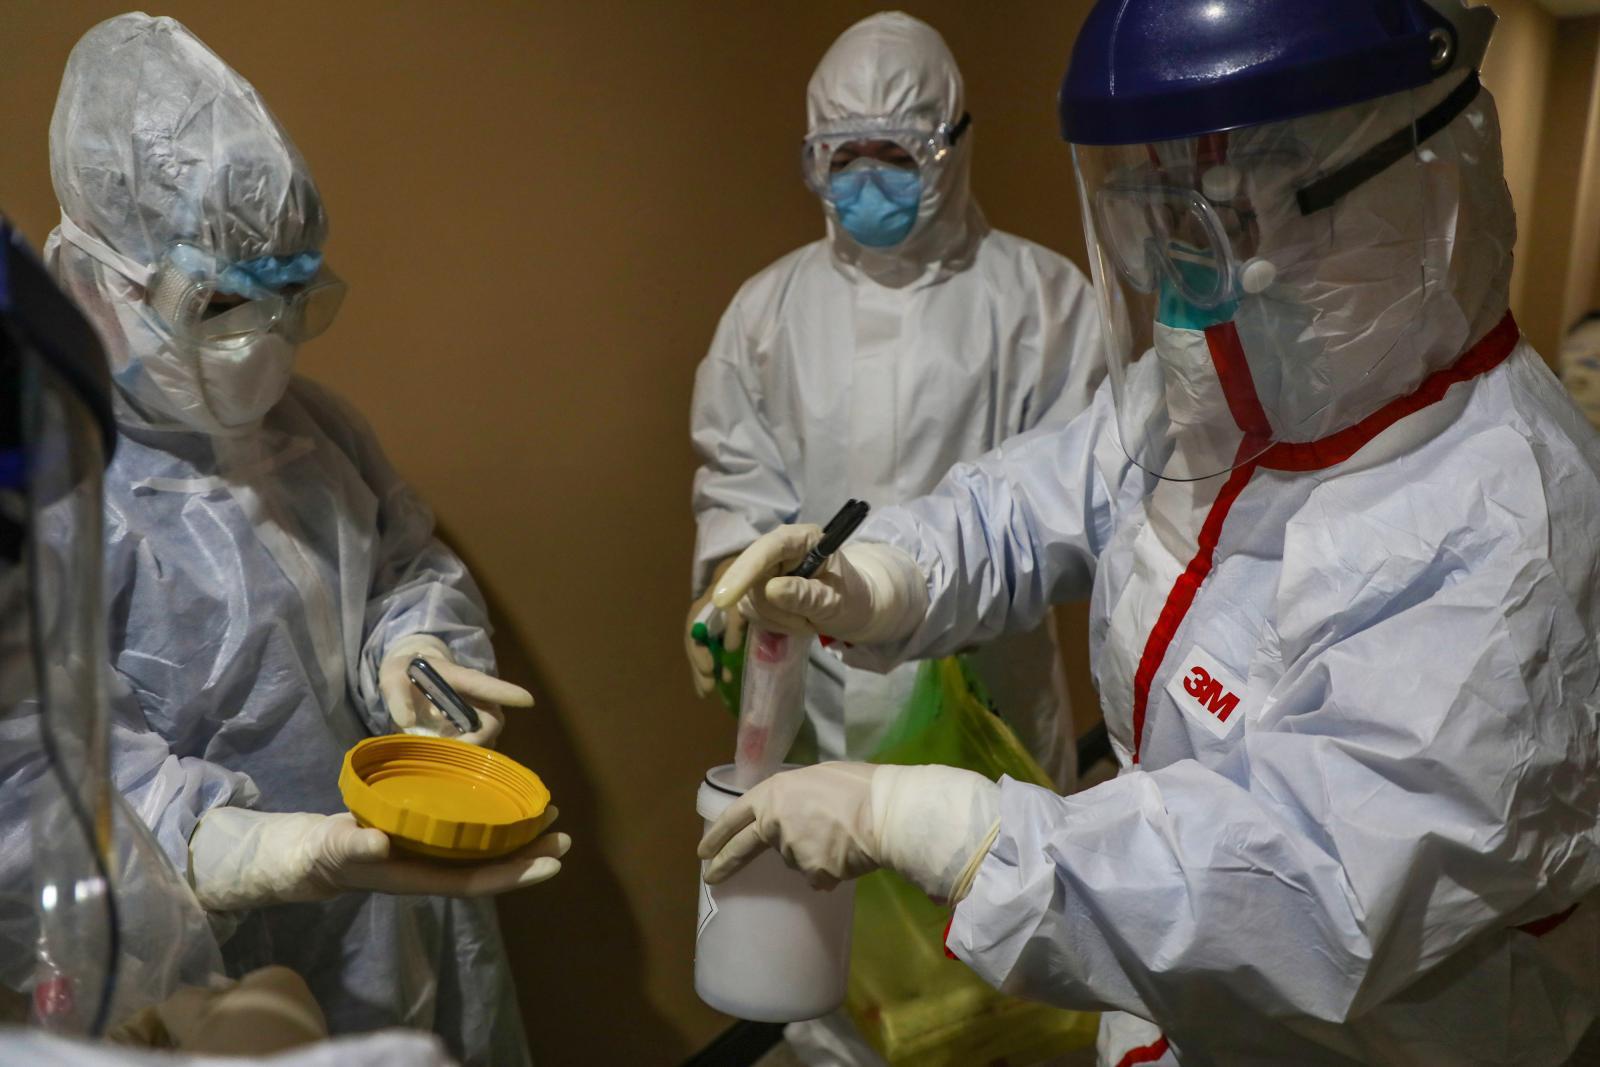 นักวิทย์เตรียมตั้งชื่อไวรัสโคโรนาสายพันธุ์ใหม่เร็วๆนี้